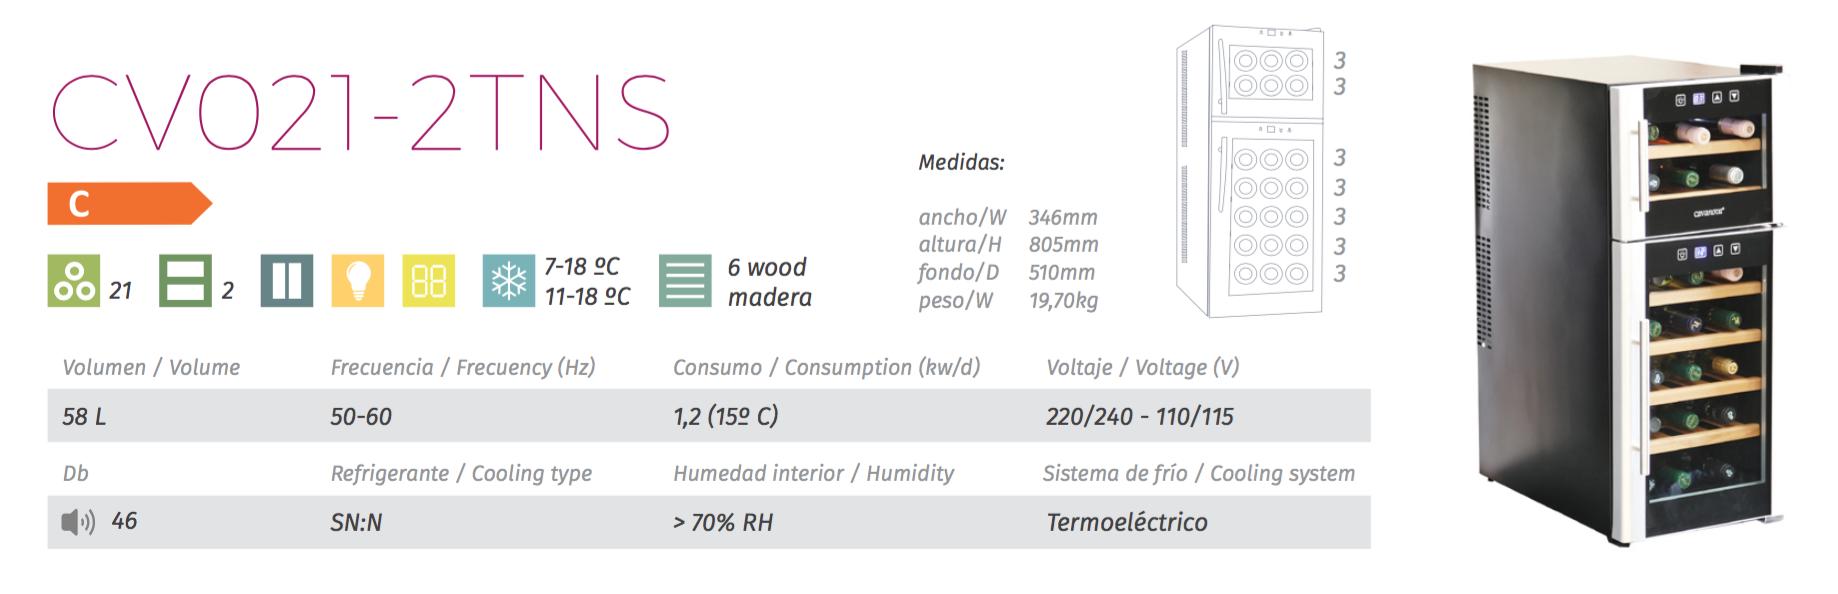 vinoteca cavanova CV021-2TNS tabla caracteristicas